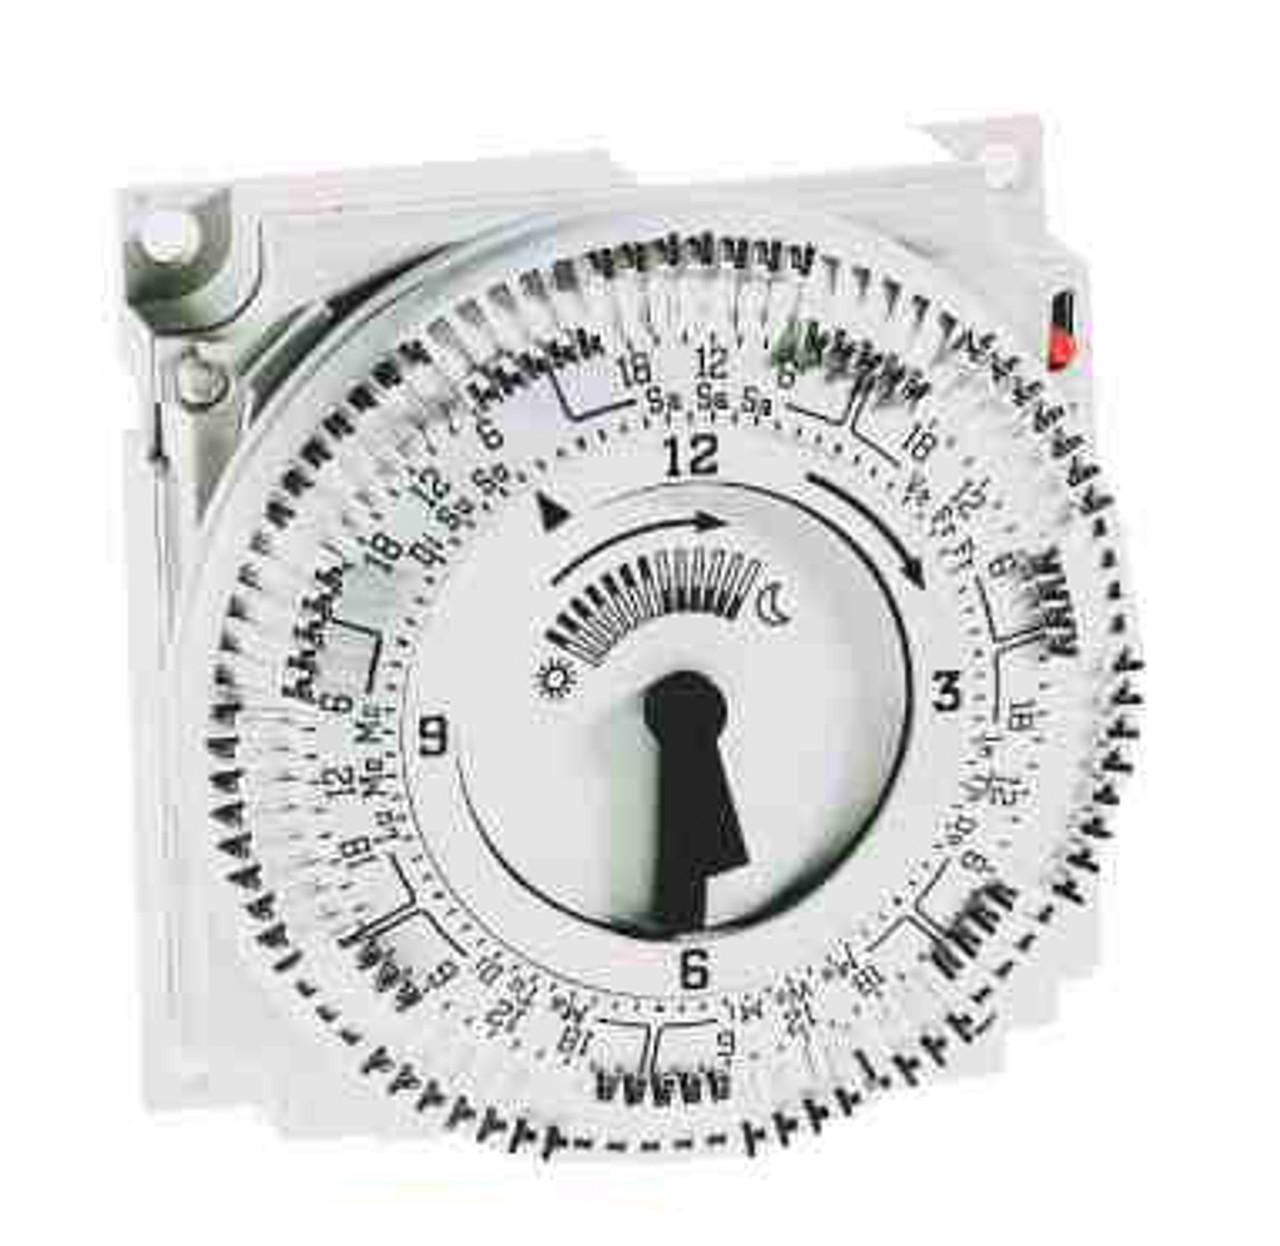 Siemens AUZ3.7 analog 7-day time switch